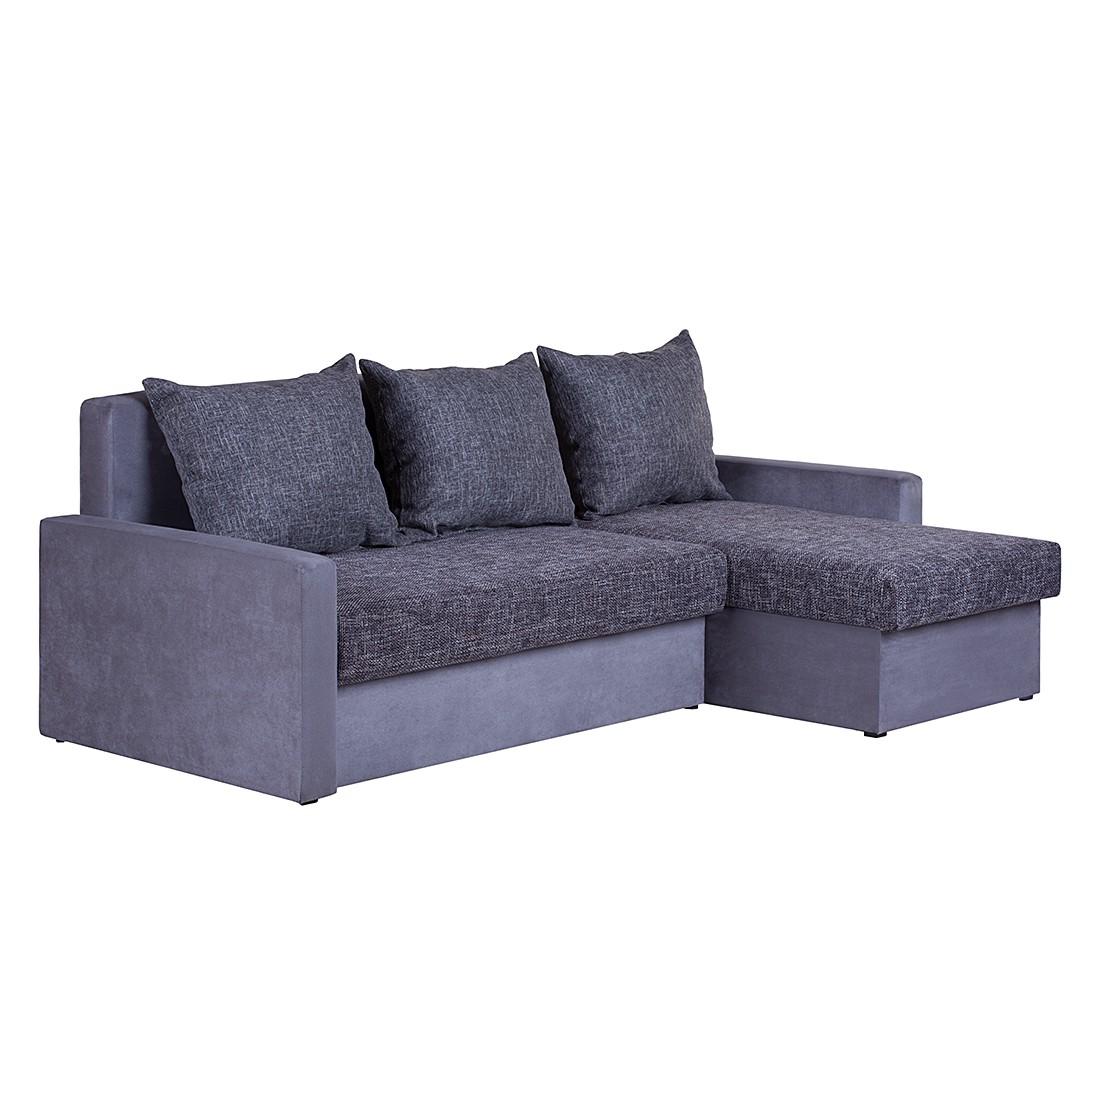 Ecksofa Giove (mit Schlaffunktion) – Microfaser Grau/Strukturstoff Schwarz/Grau – Longchair davorstehend rechts, mooved günstig kaufen